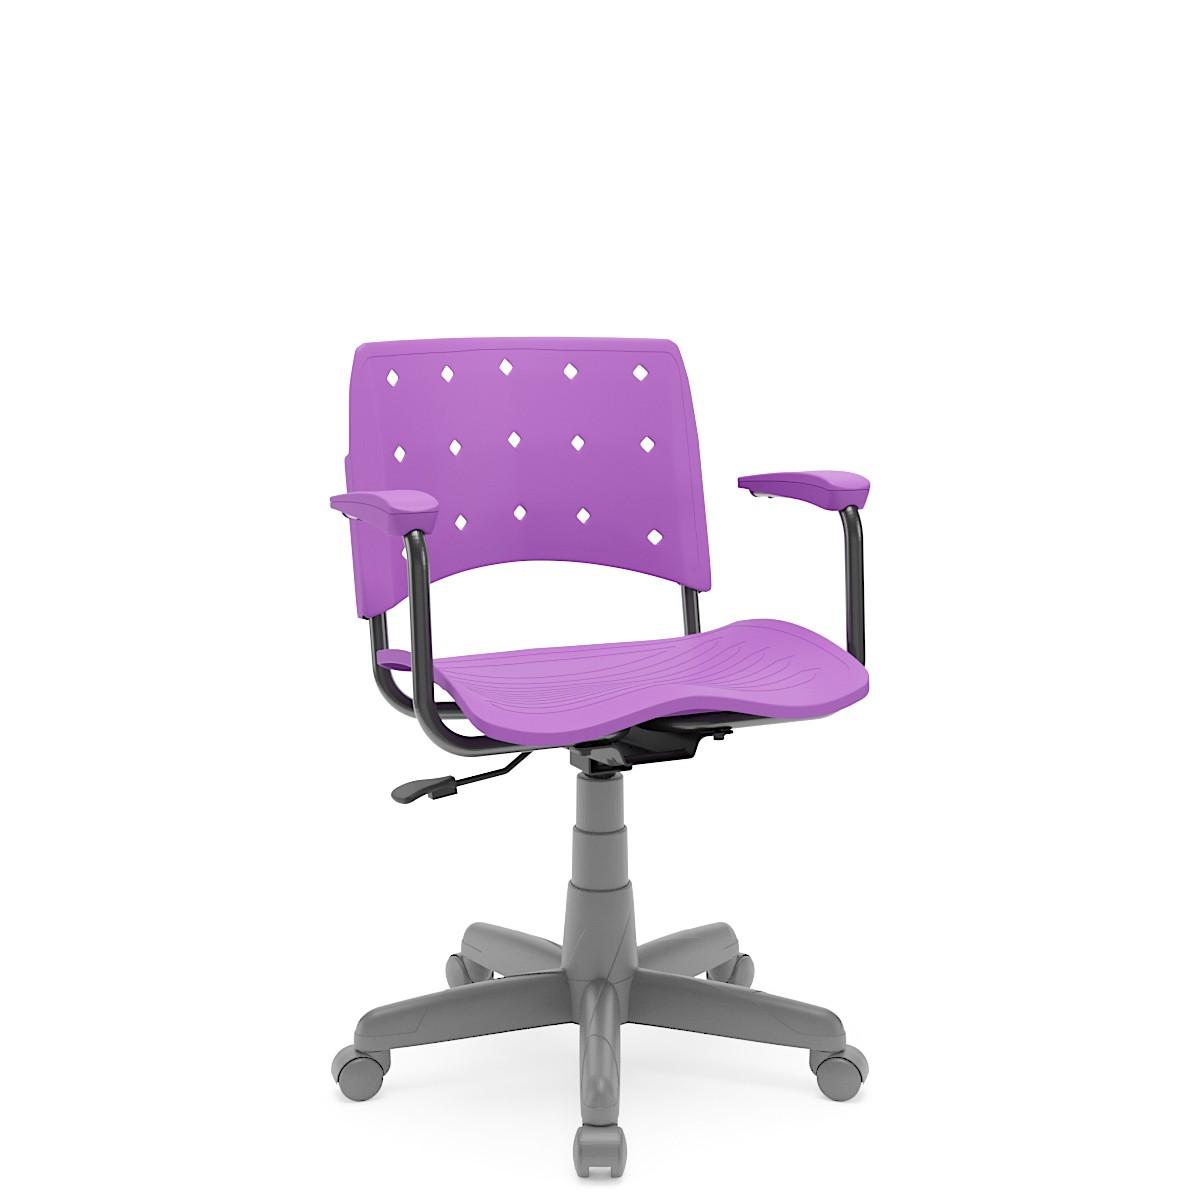 Cadeira Giratória Ergoplax Etrutura cinza com braço Violeta Plaxmetal